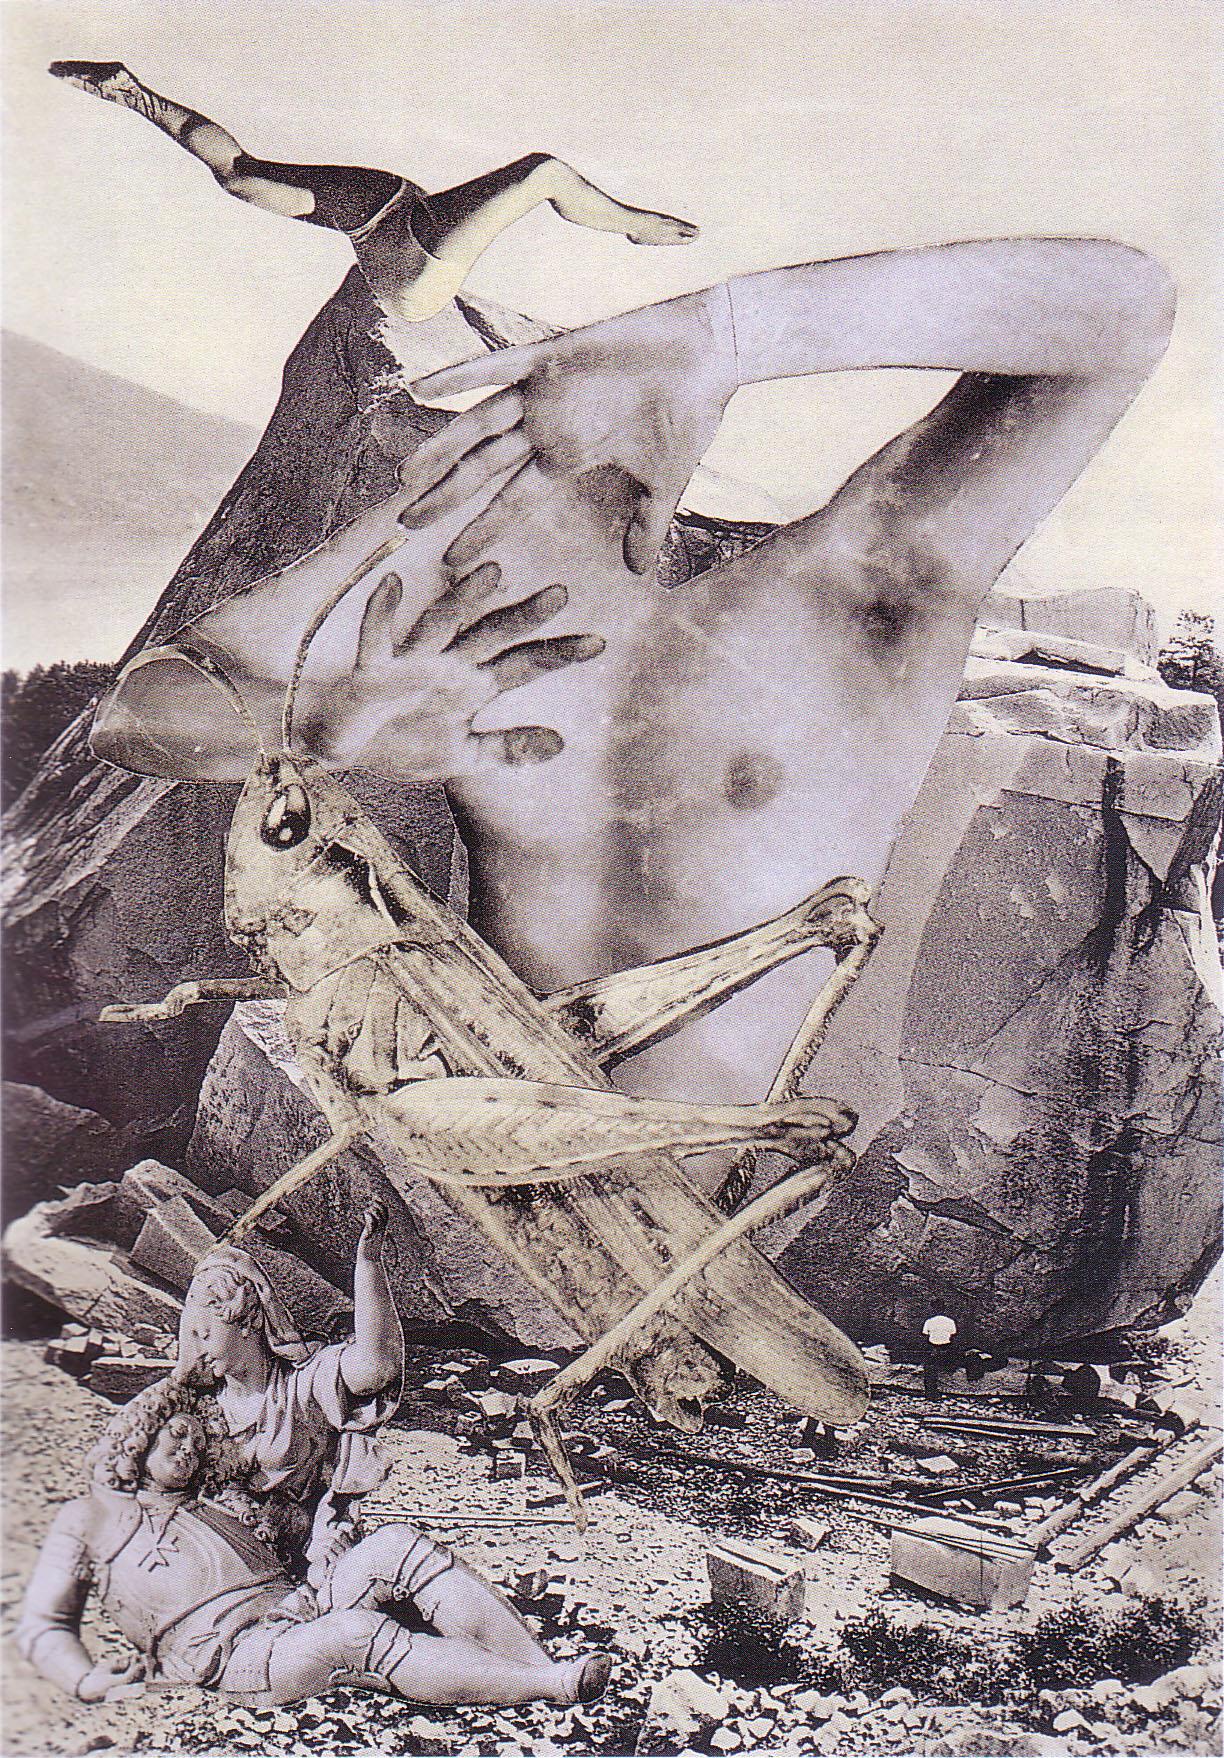 Karel Teige-Collage #239, 1942